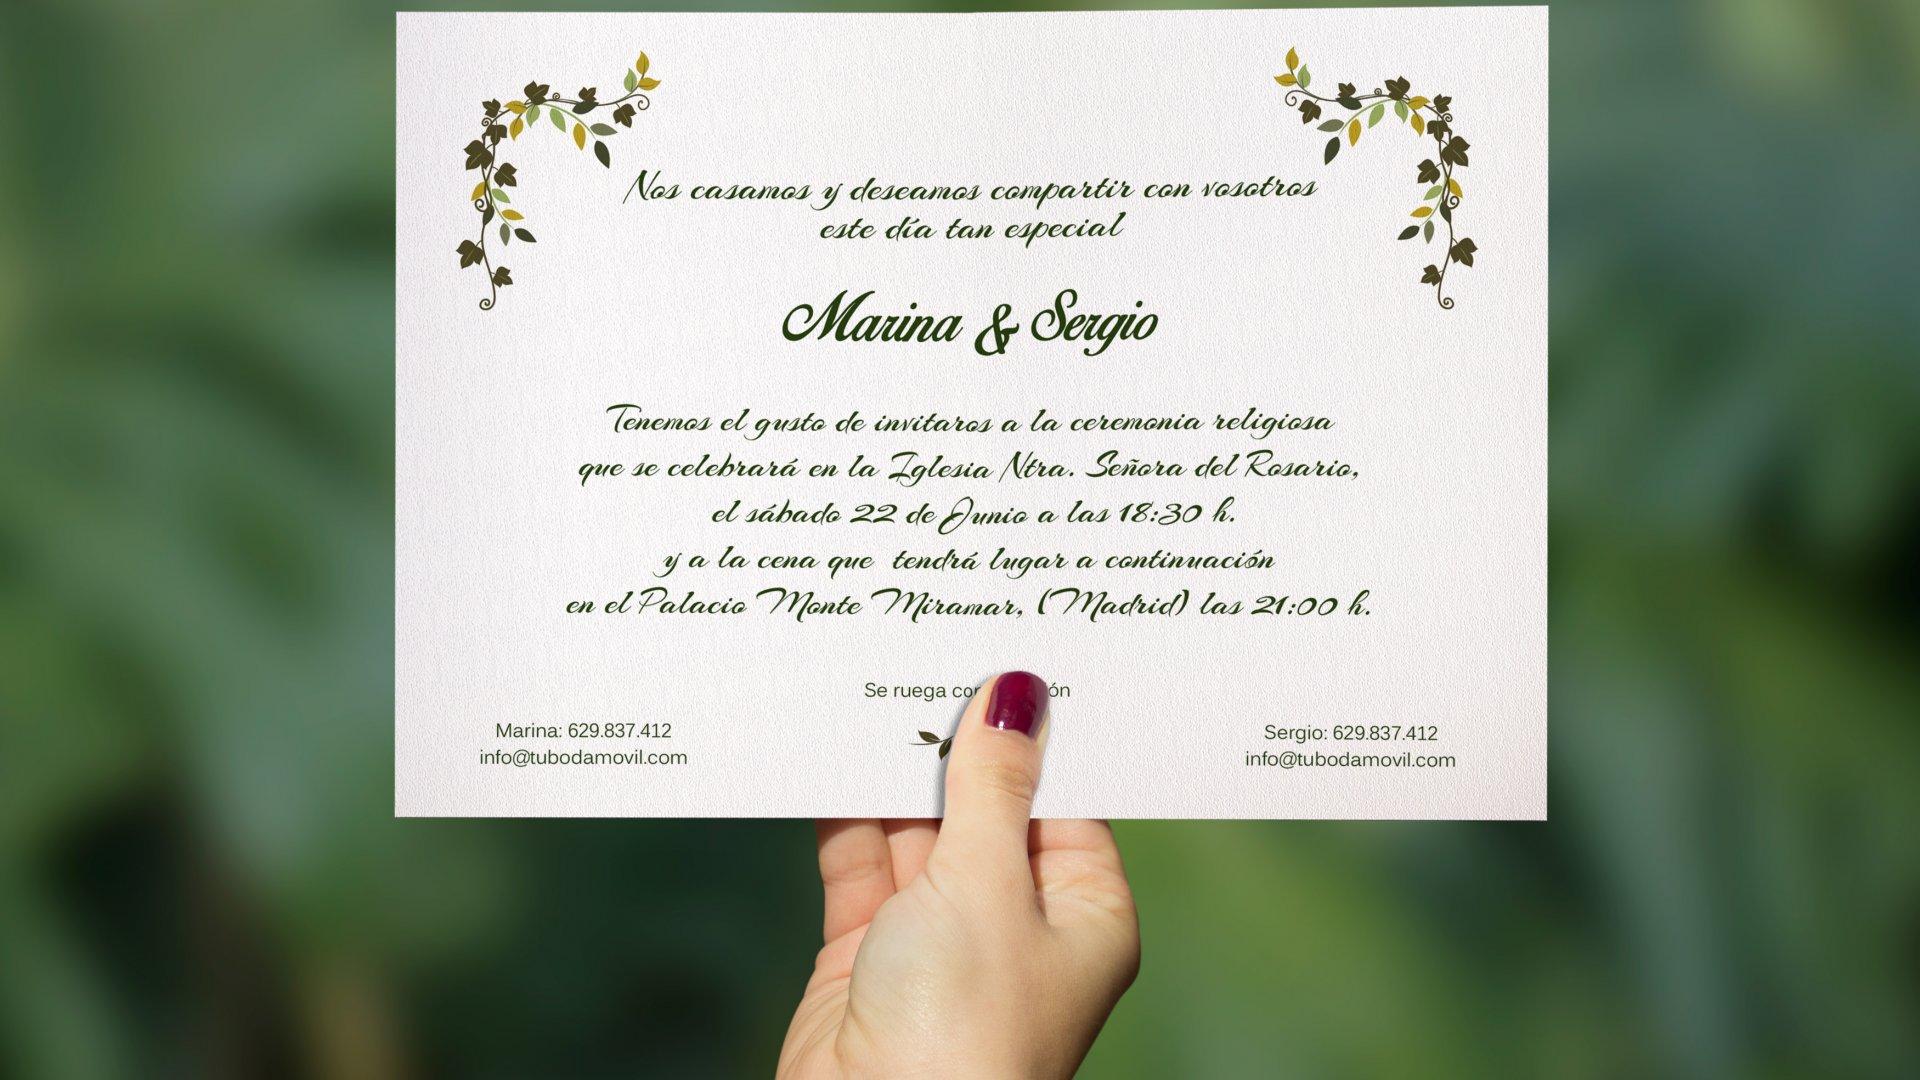 Frases y citas de amor que puedes usar en tus invitaciones de boda